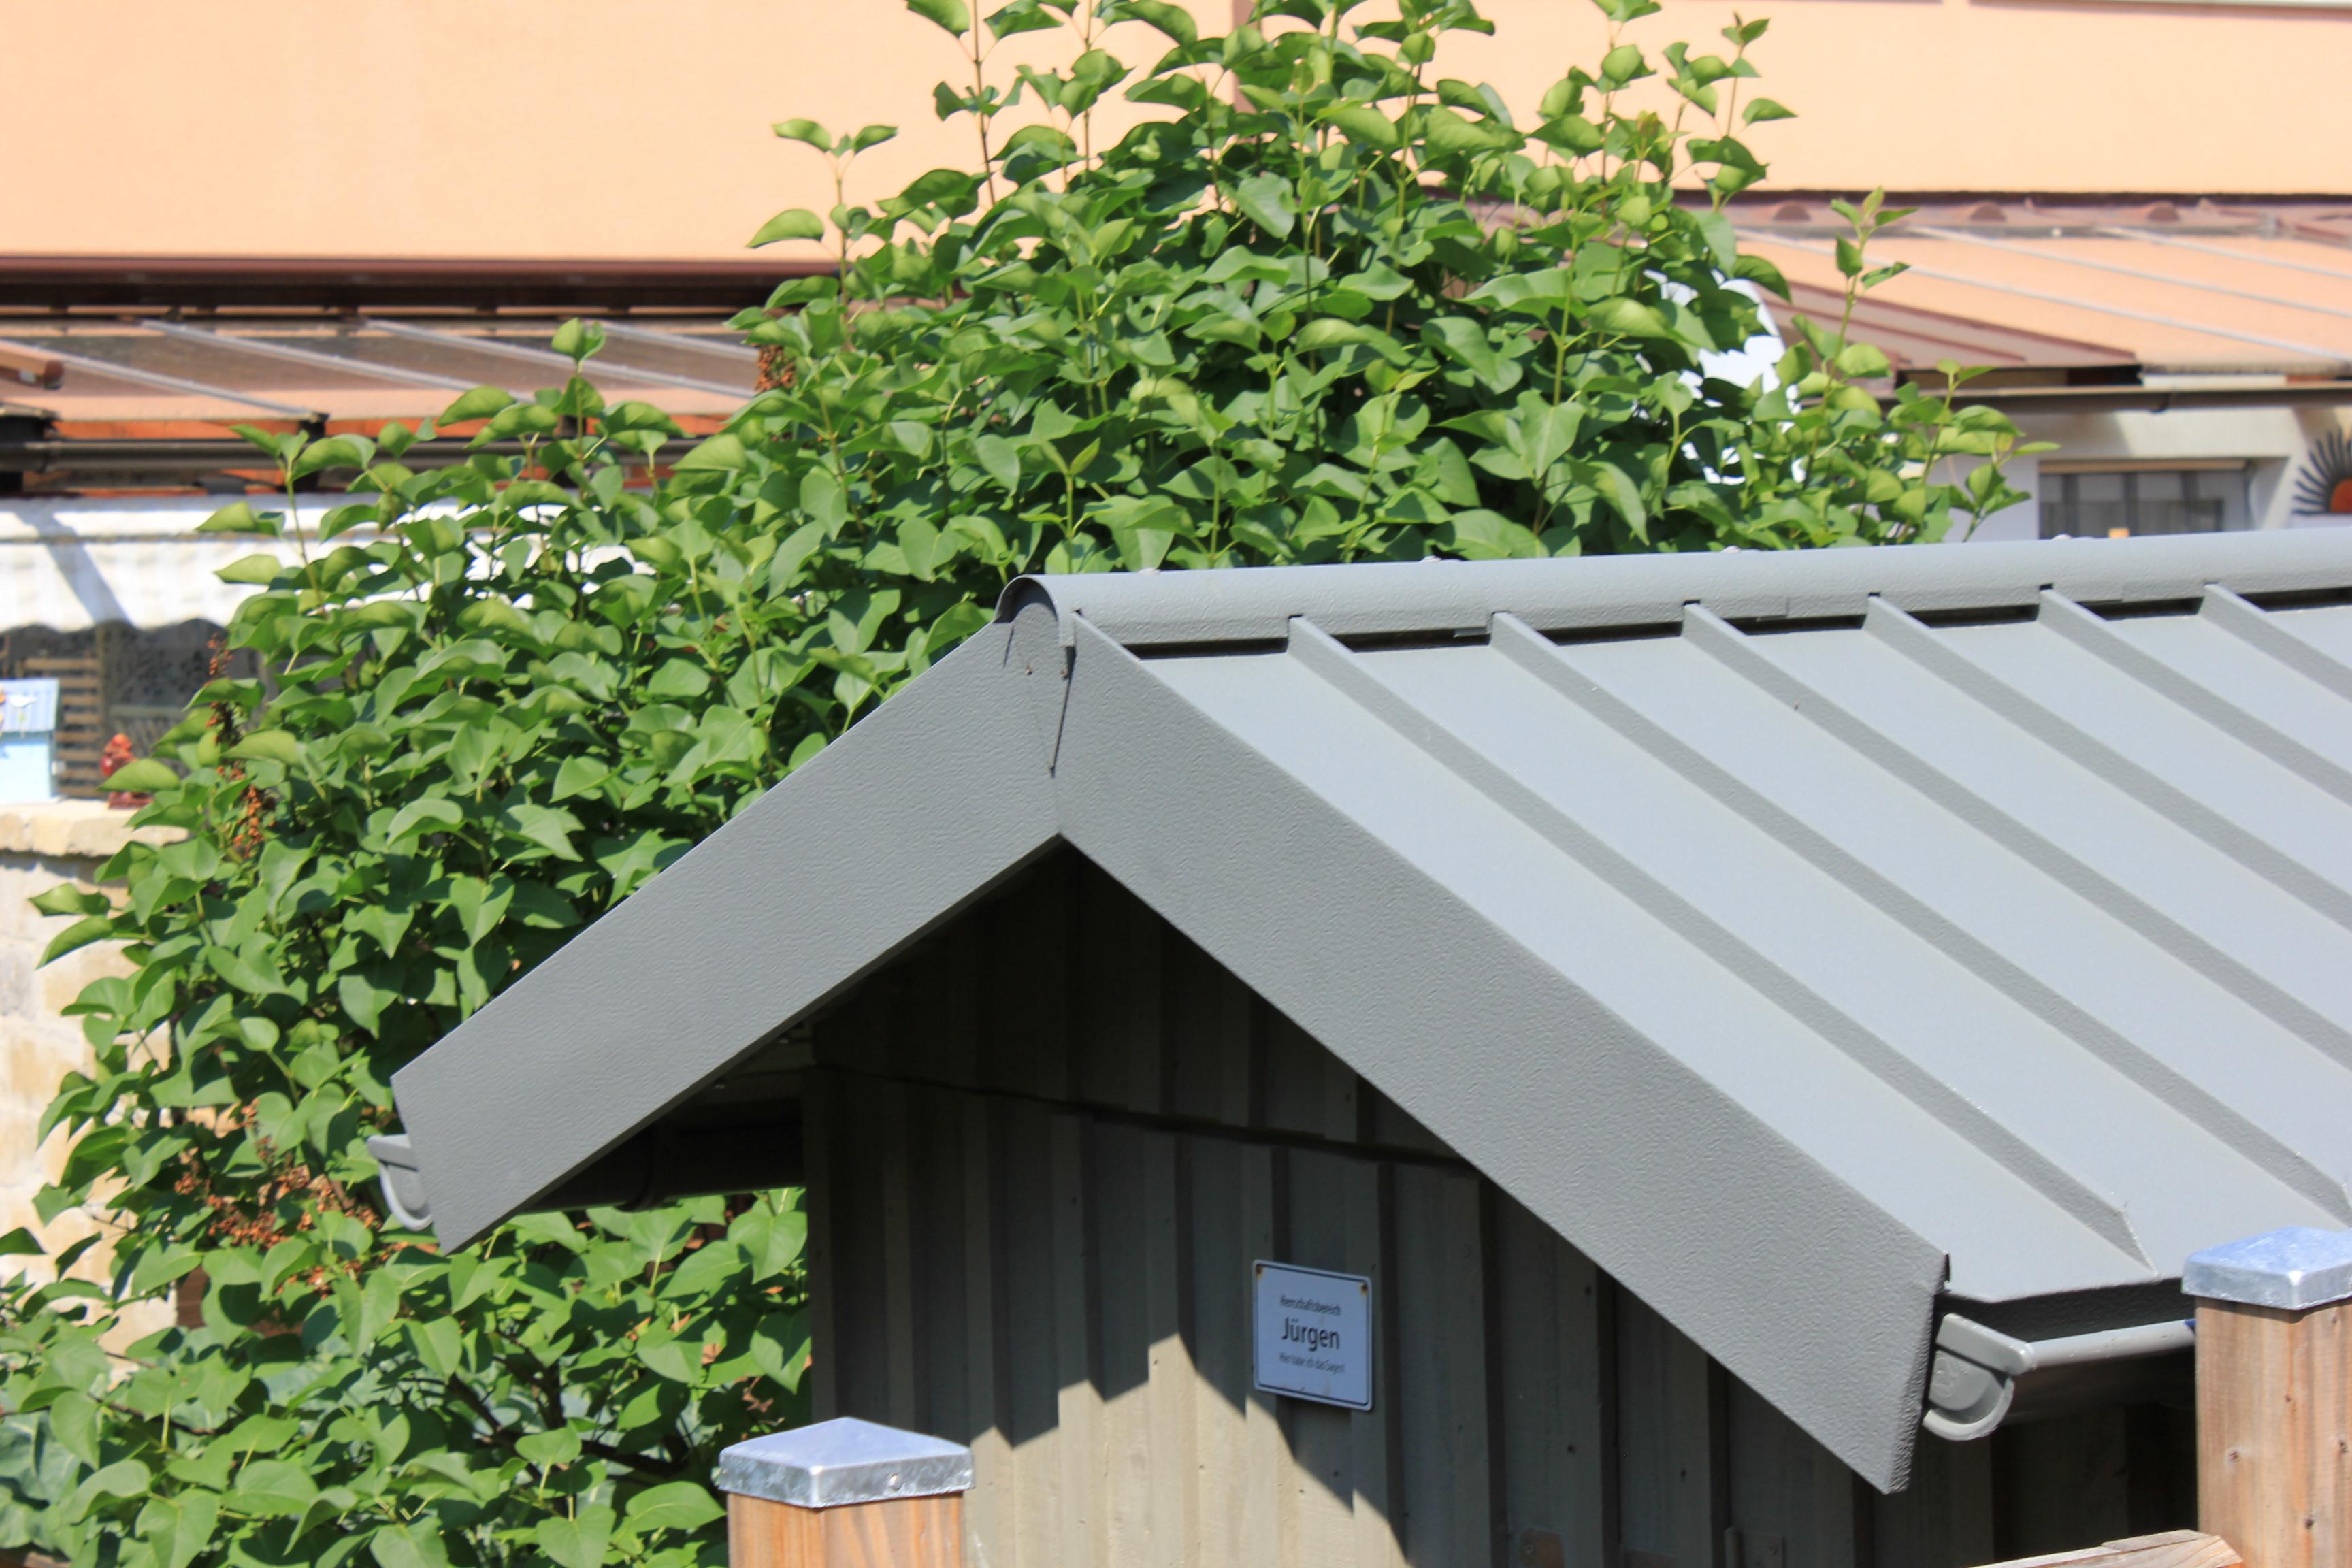 Spengler Gartenhaus